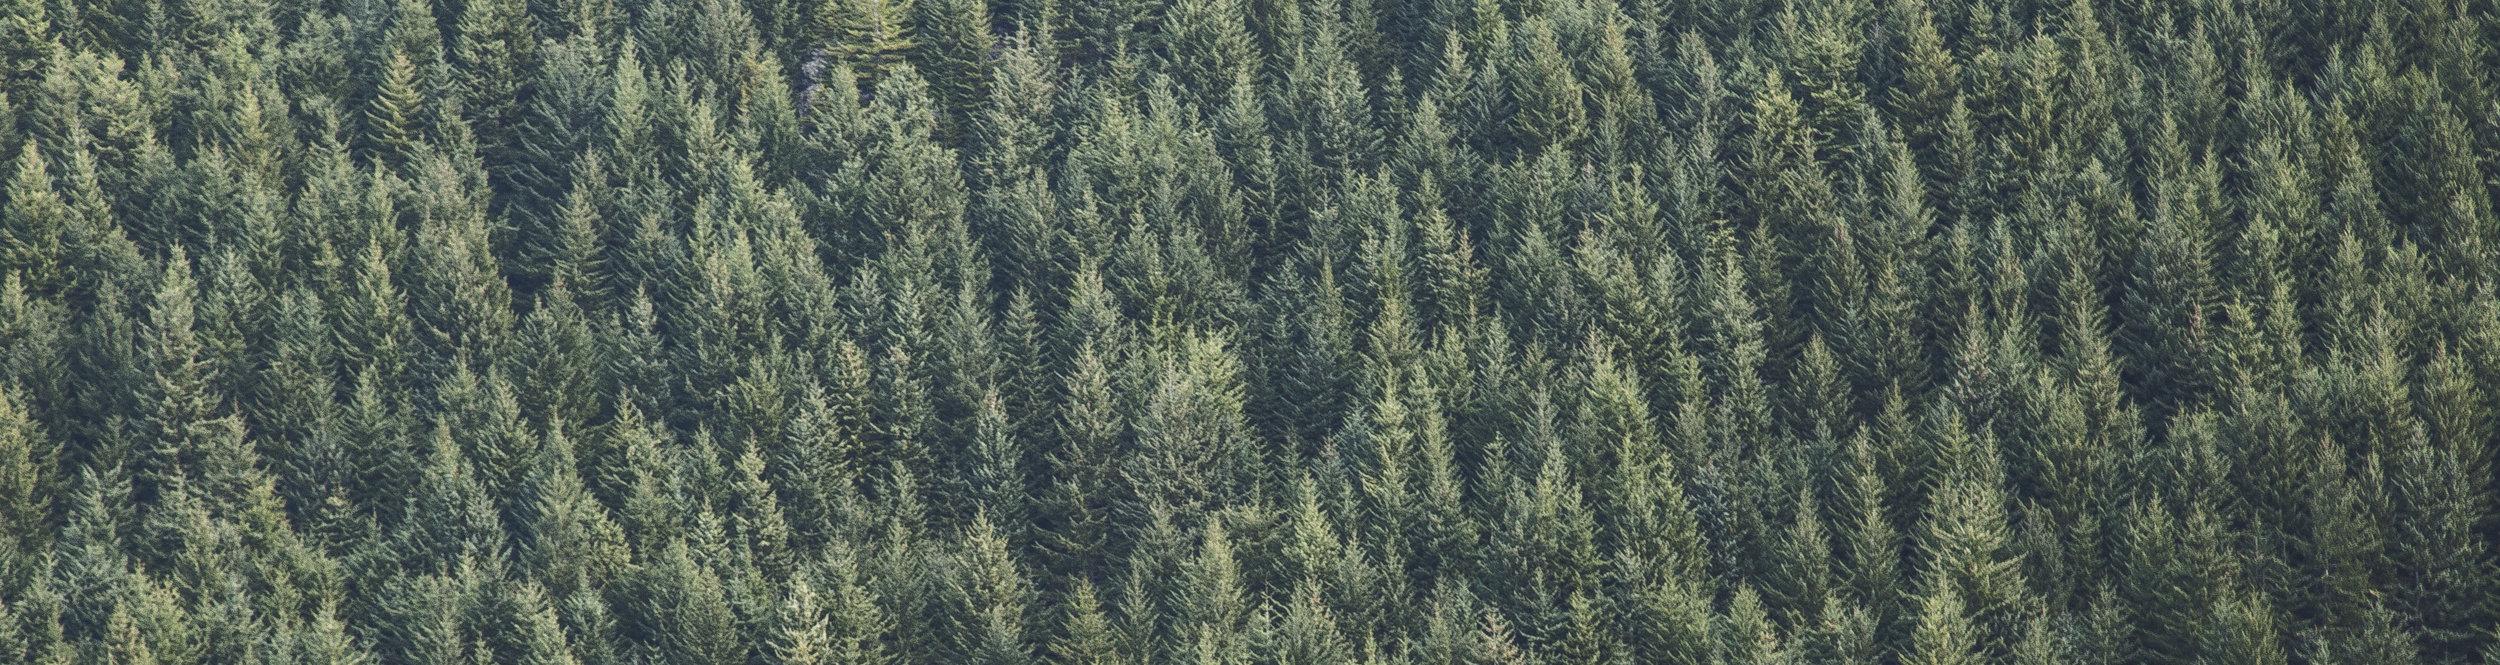 woud.jpg